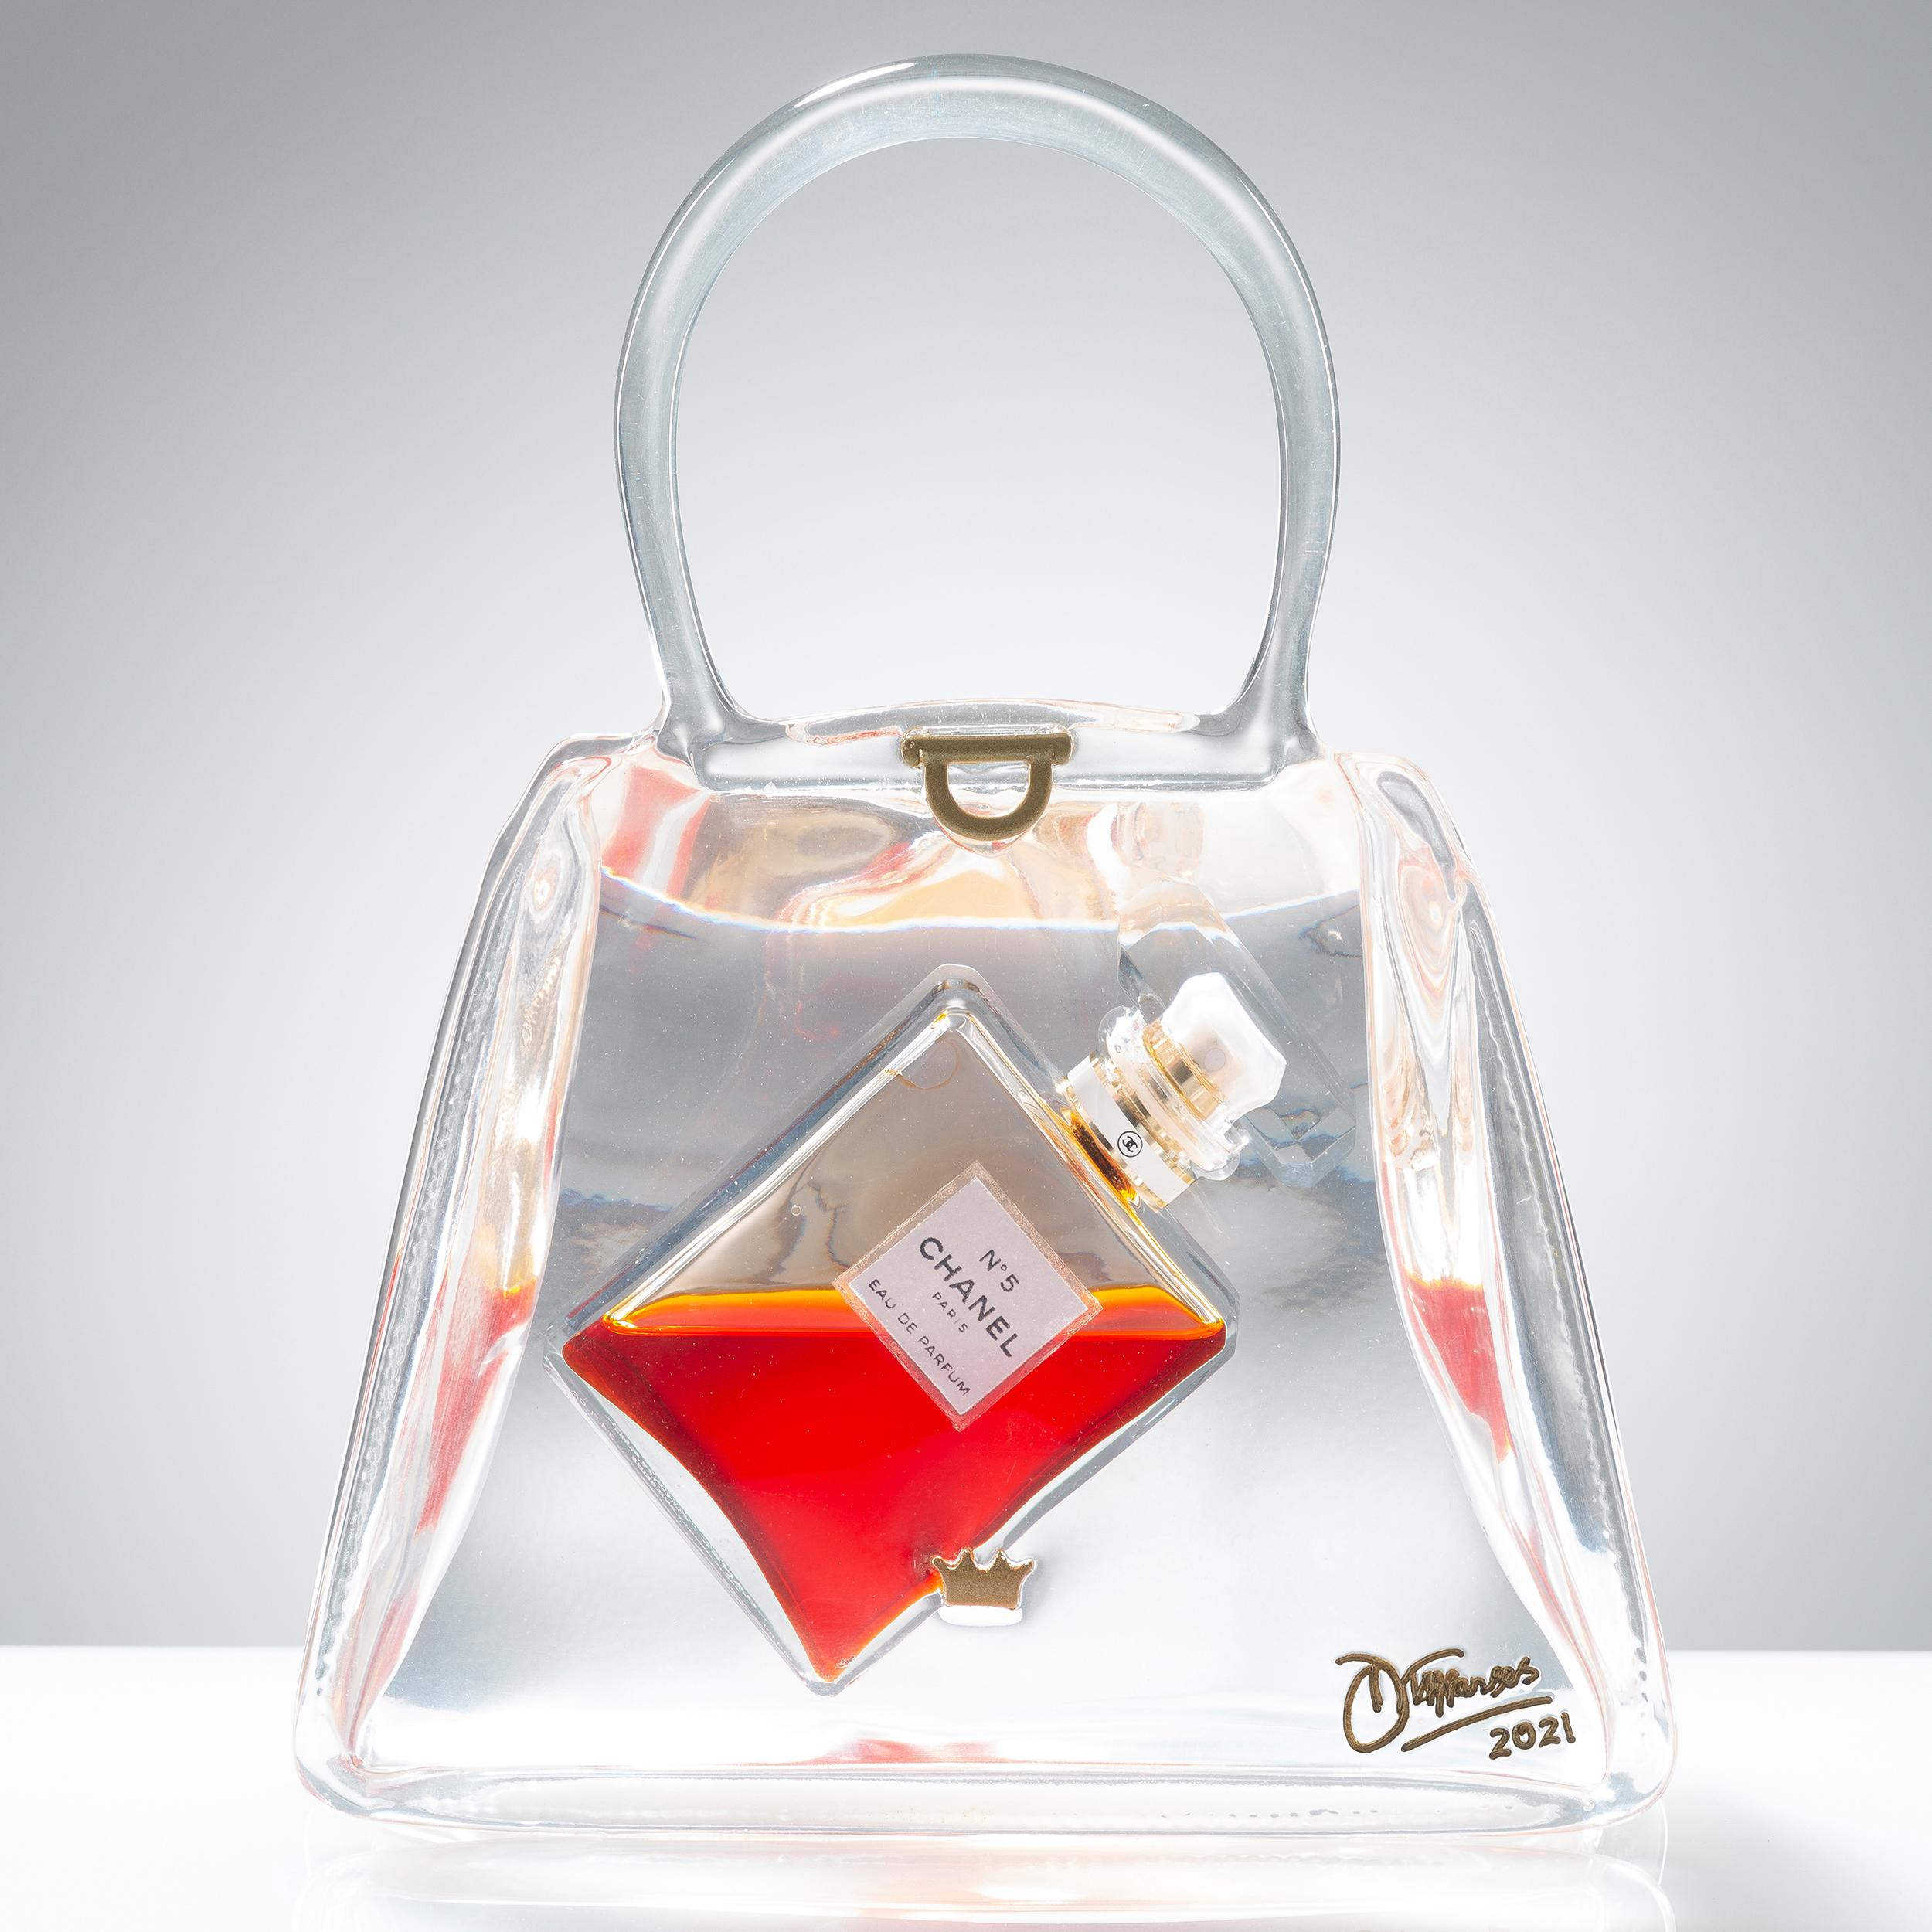 Debra Franses - Chanel Perfume (Orange) , 4509-011-010